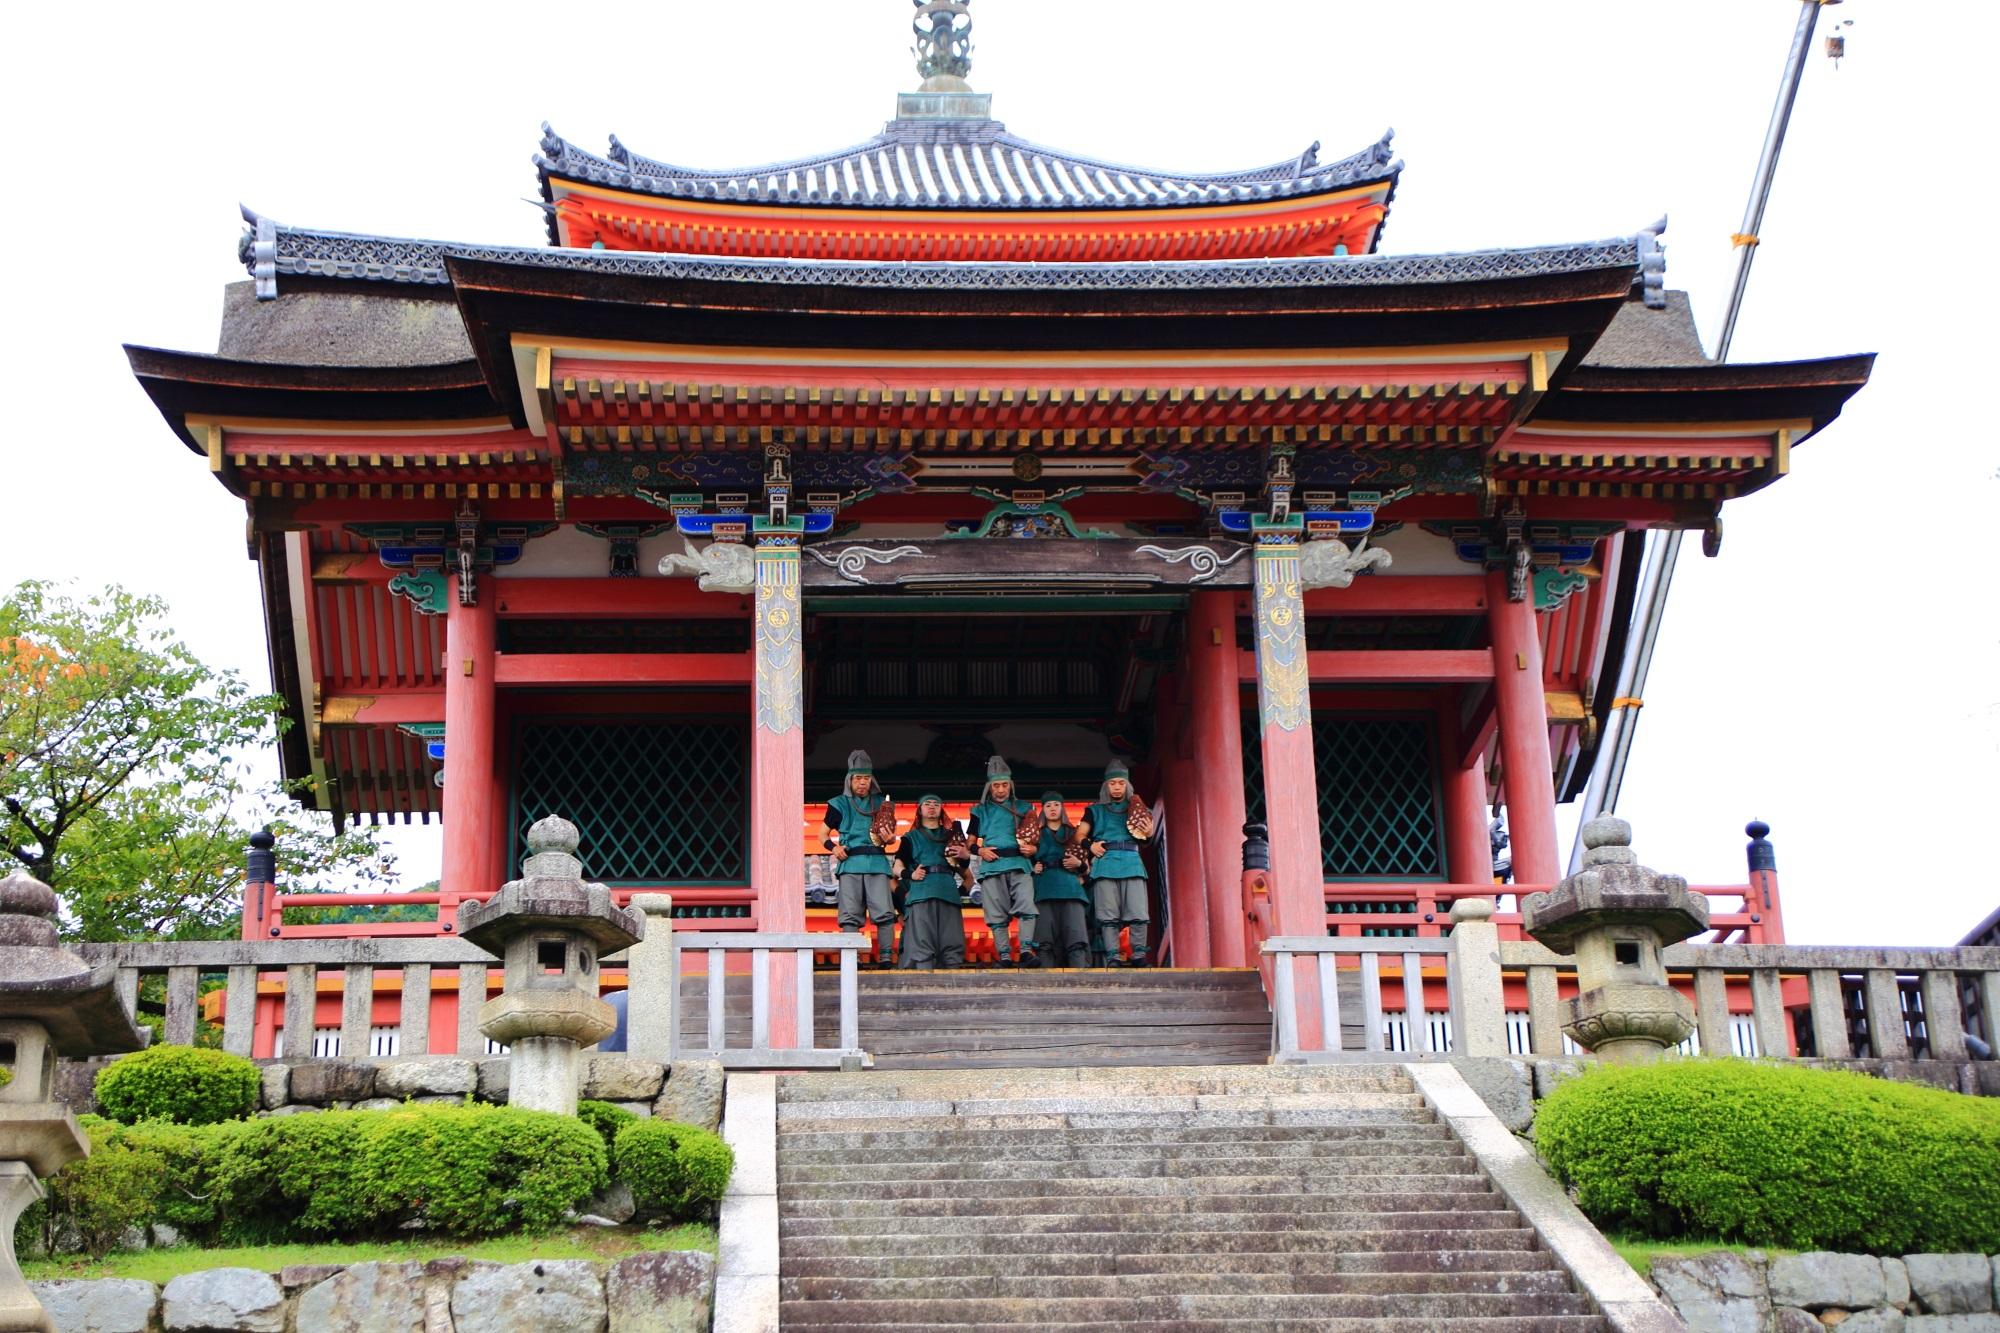 京都清水寺の青龍会(せいりゅうかい)行道